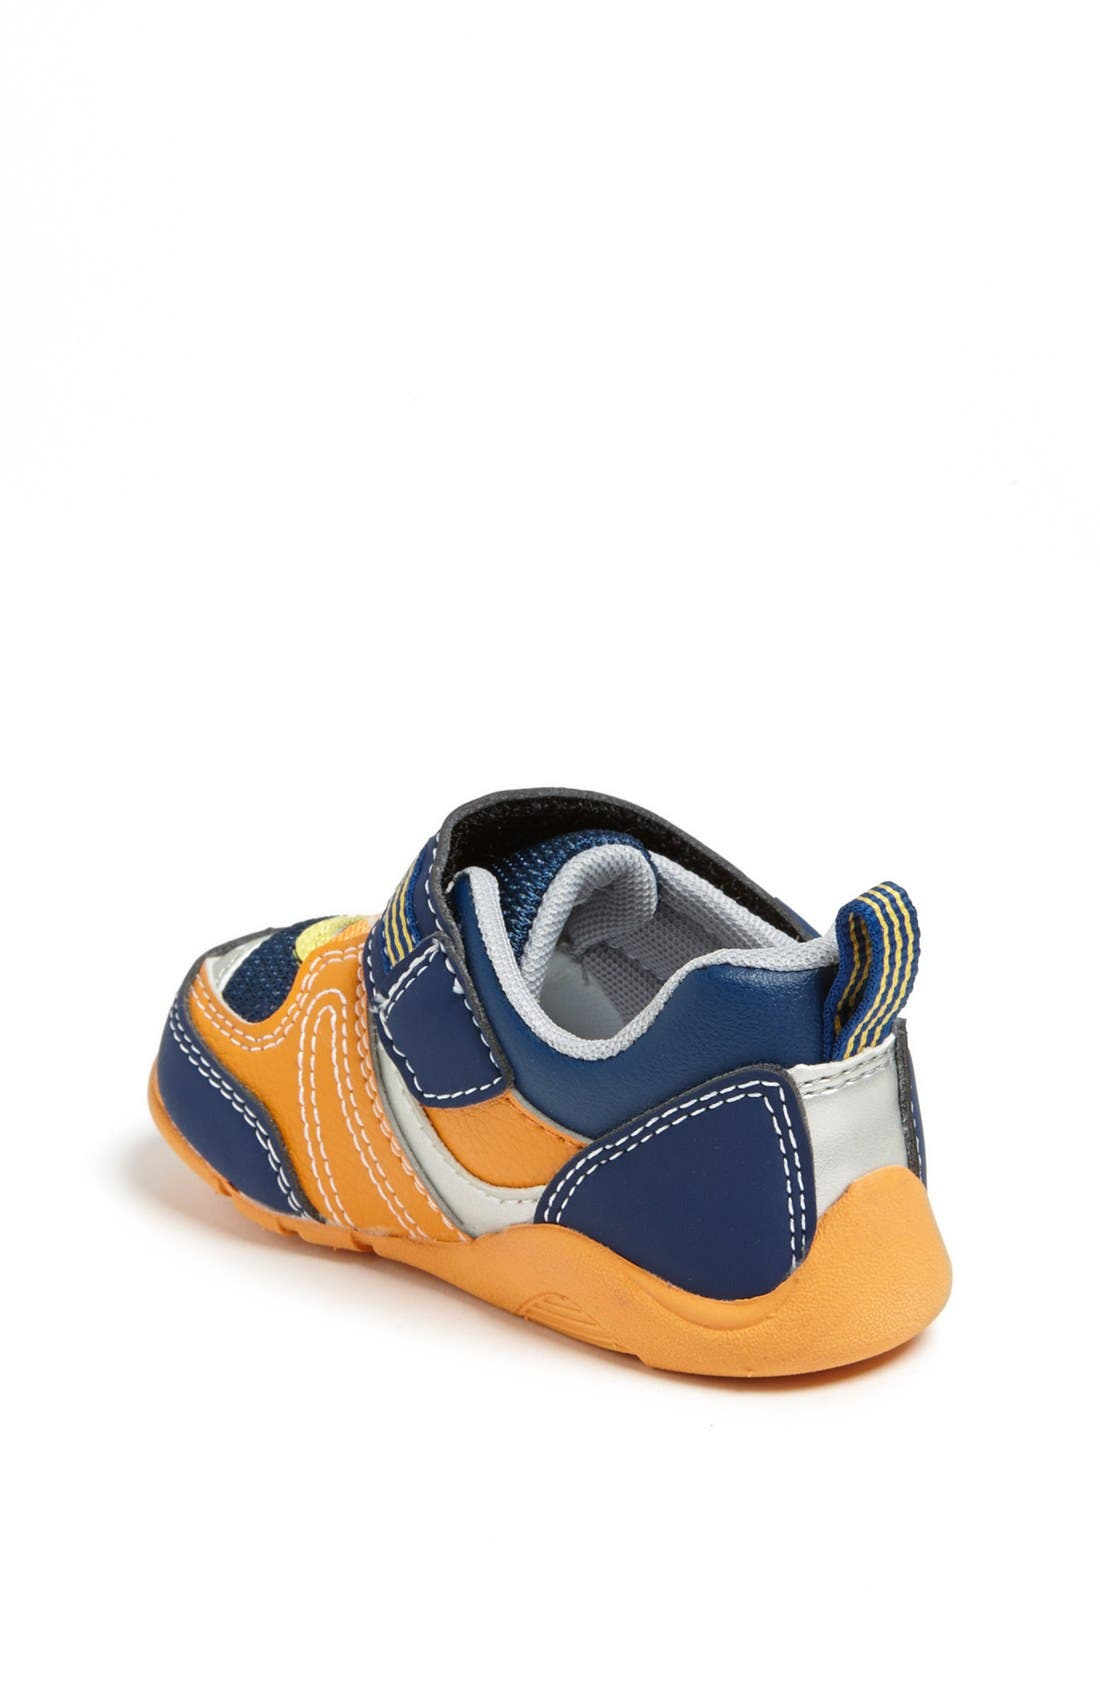 Alternate Image 2  - Tsukihoshi 'Baby 02' Sneaker (Walker)